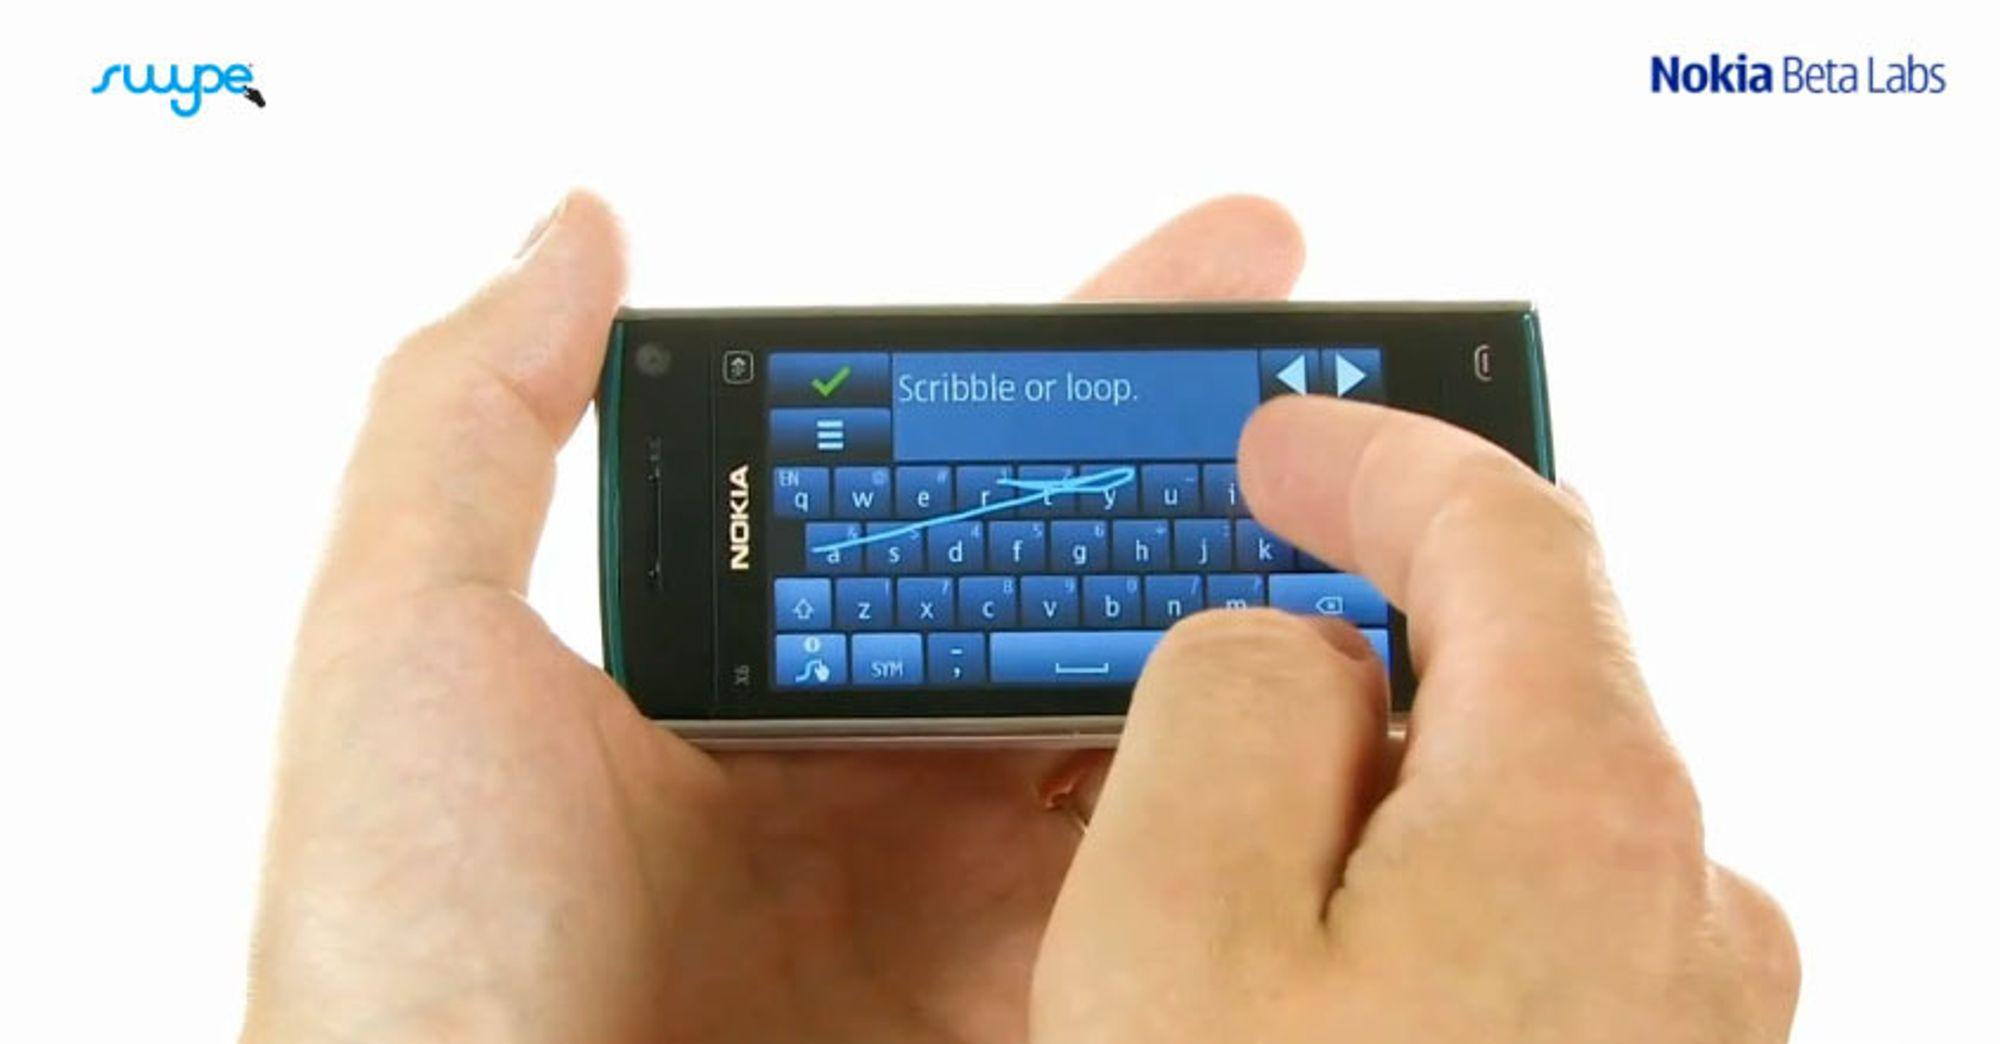 Nå får du Swype på Nokia-telefonen din